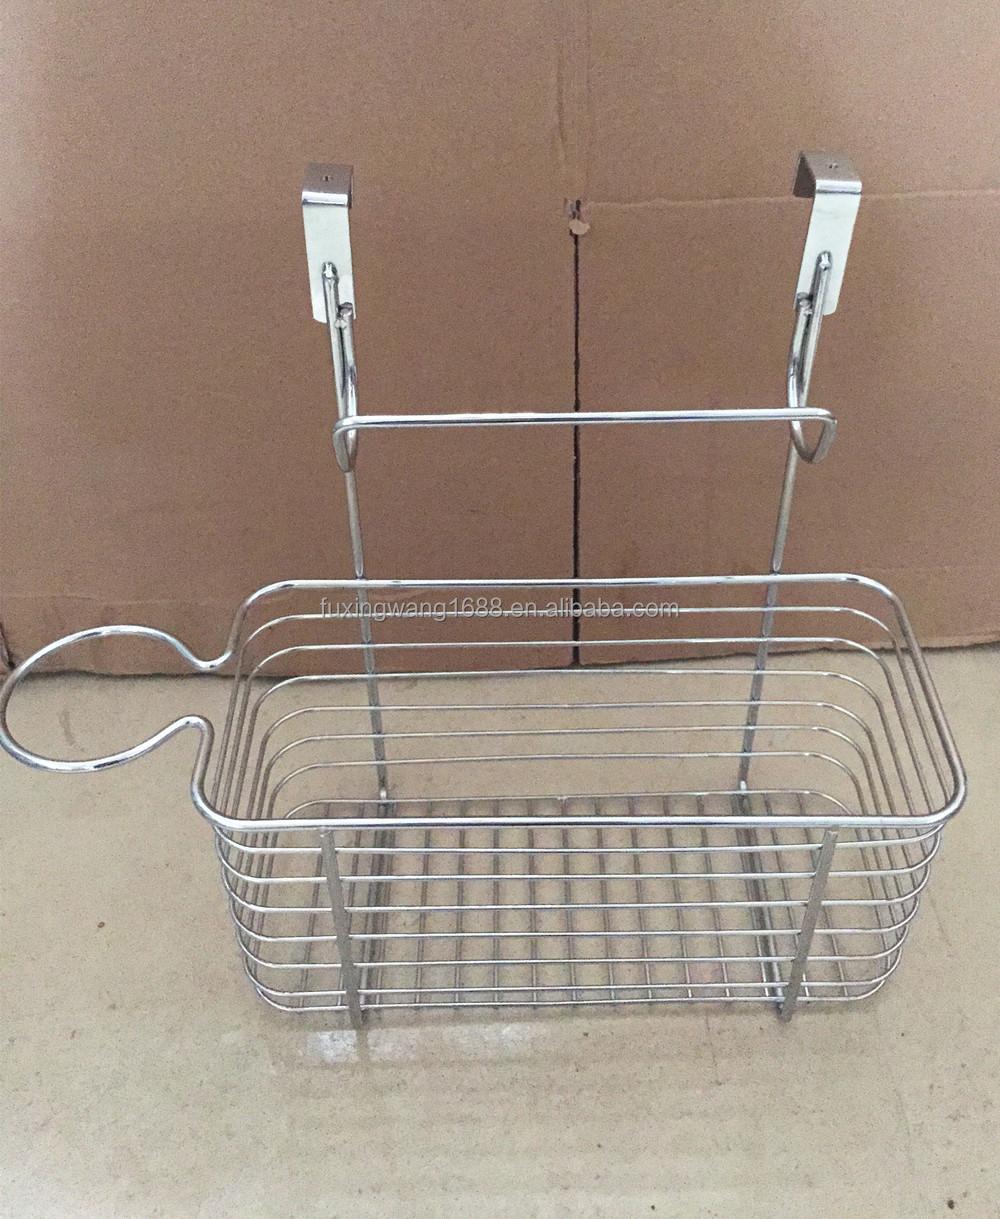 Over The Cabinet Basket Plastic Bag Holder Over The Cabinet Door Basket Bin Recycle Reuse